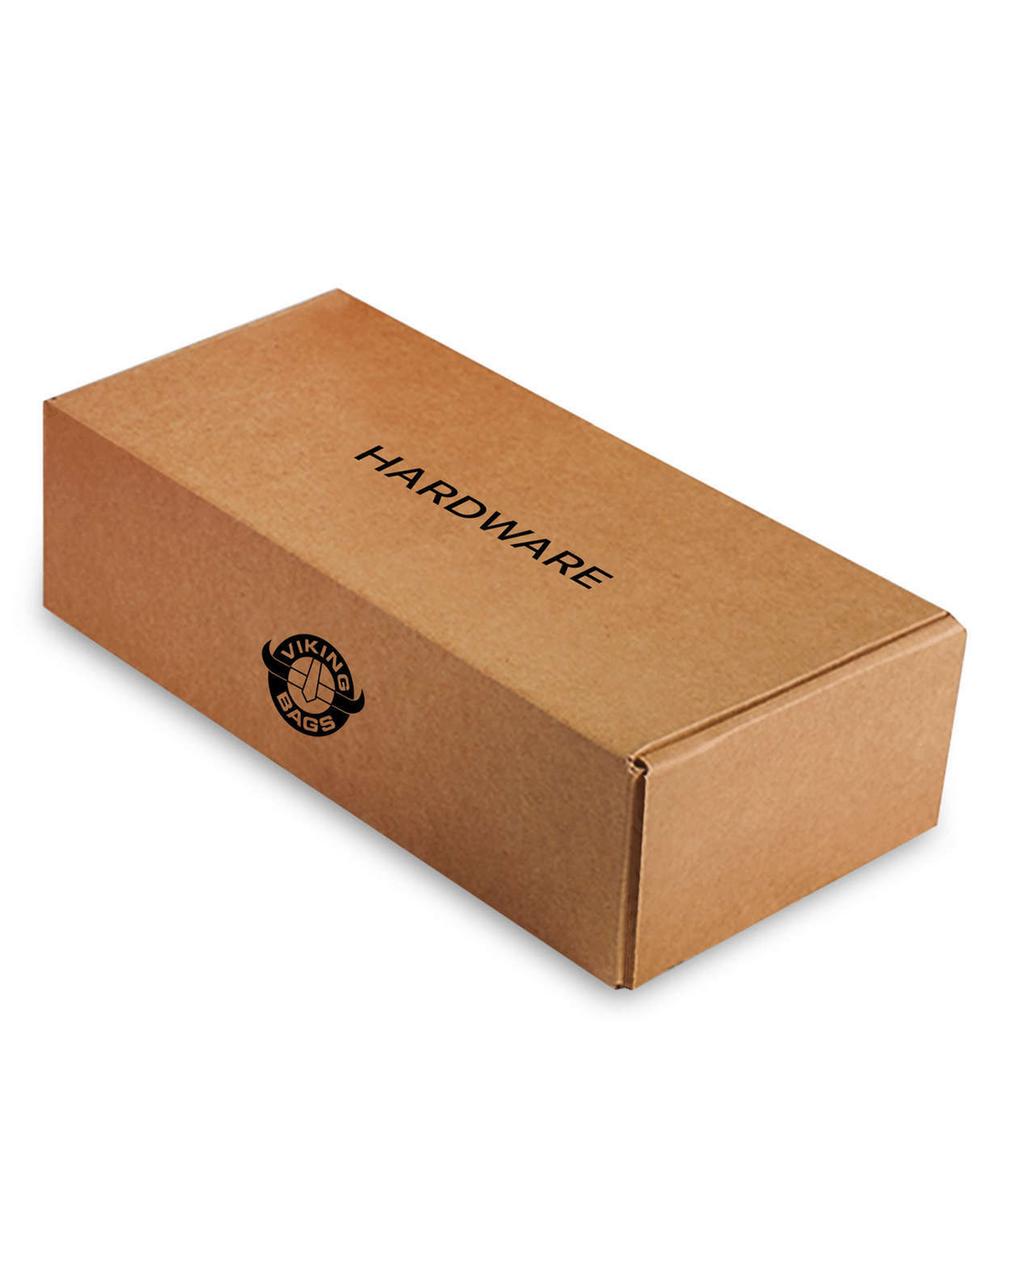 Honda Magna 750 Small Thor Series Motorcycle Saddlebags box